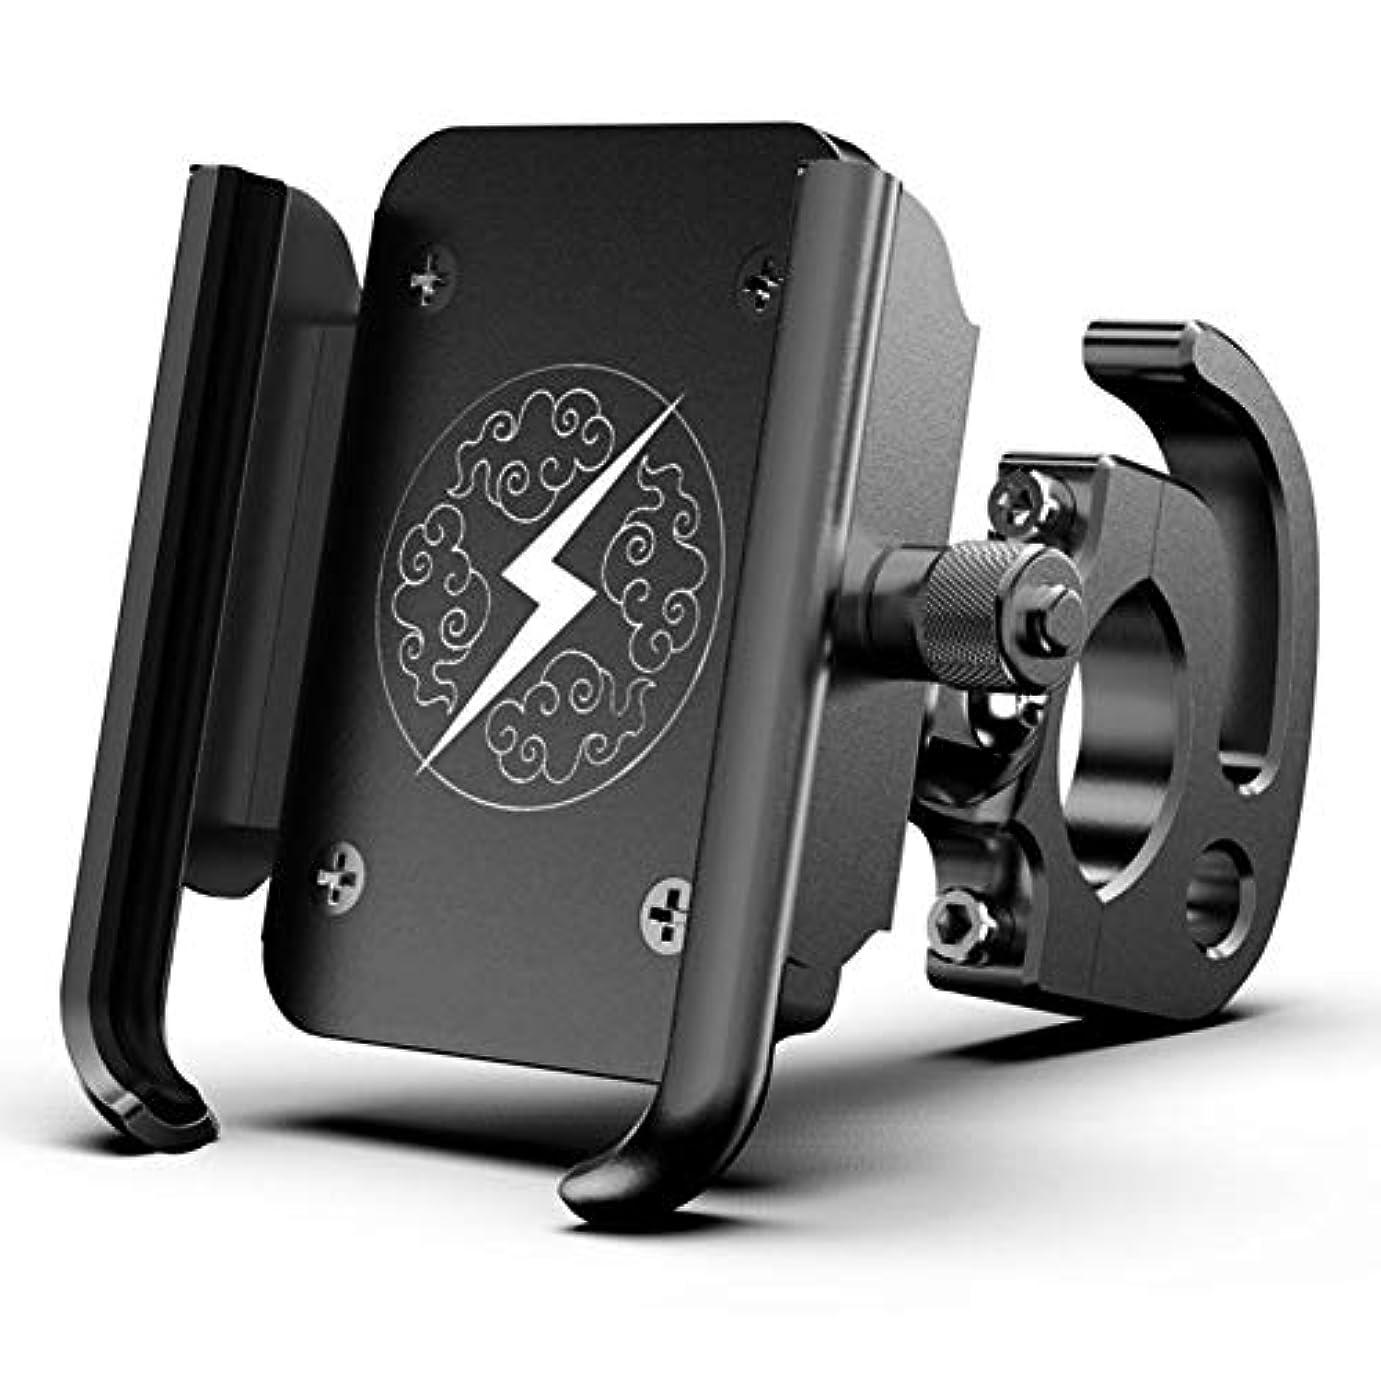 ドラフトベンチ外観自転車オートバイ携帯電話マウントホルダー - 360度回転 フック付きオートバイ車アルミニウム合金携帯電話ブラケット、あらゆるスマートフォンGPS用 - ユニバーサルマウンテンロードバイクオートバイ